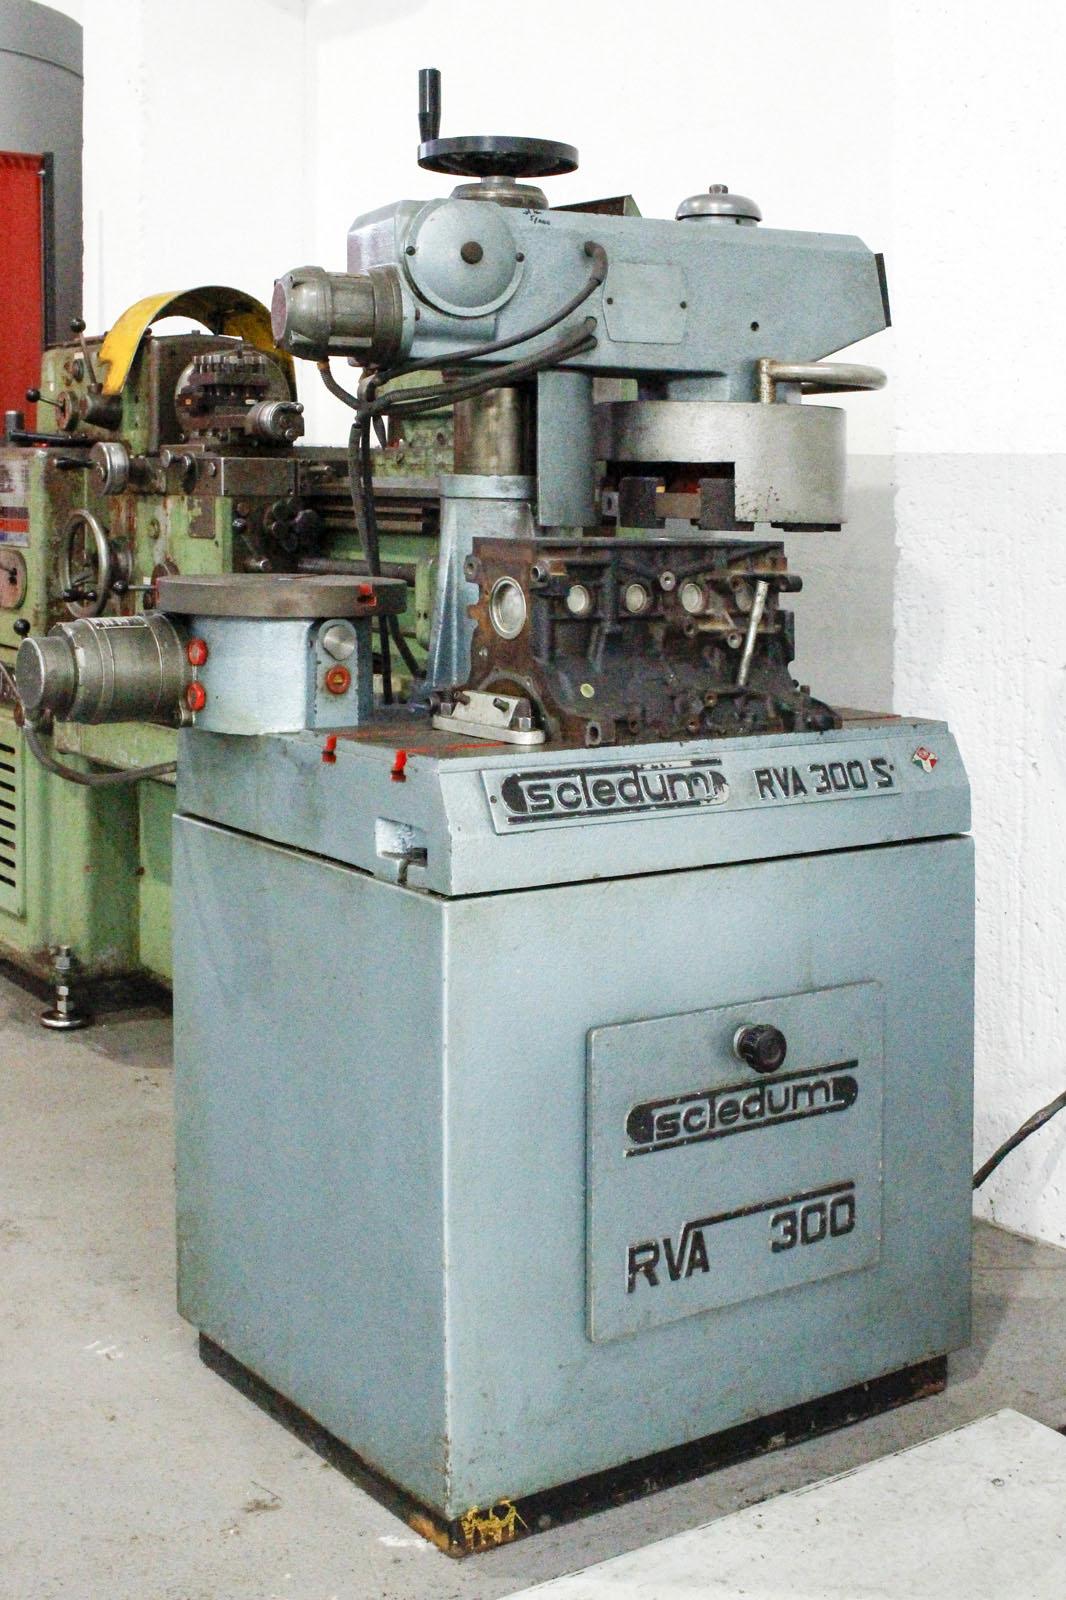 Scledum RVA 300 S